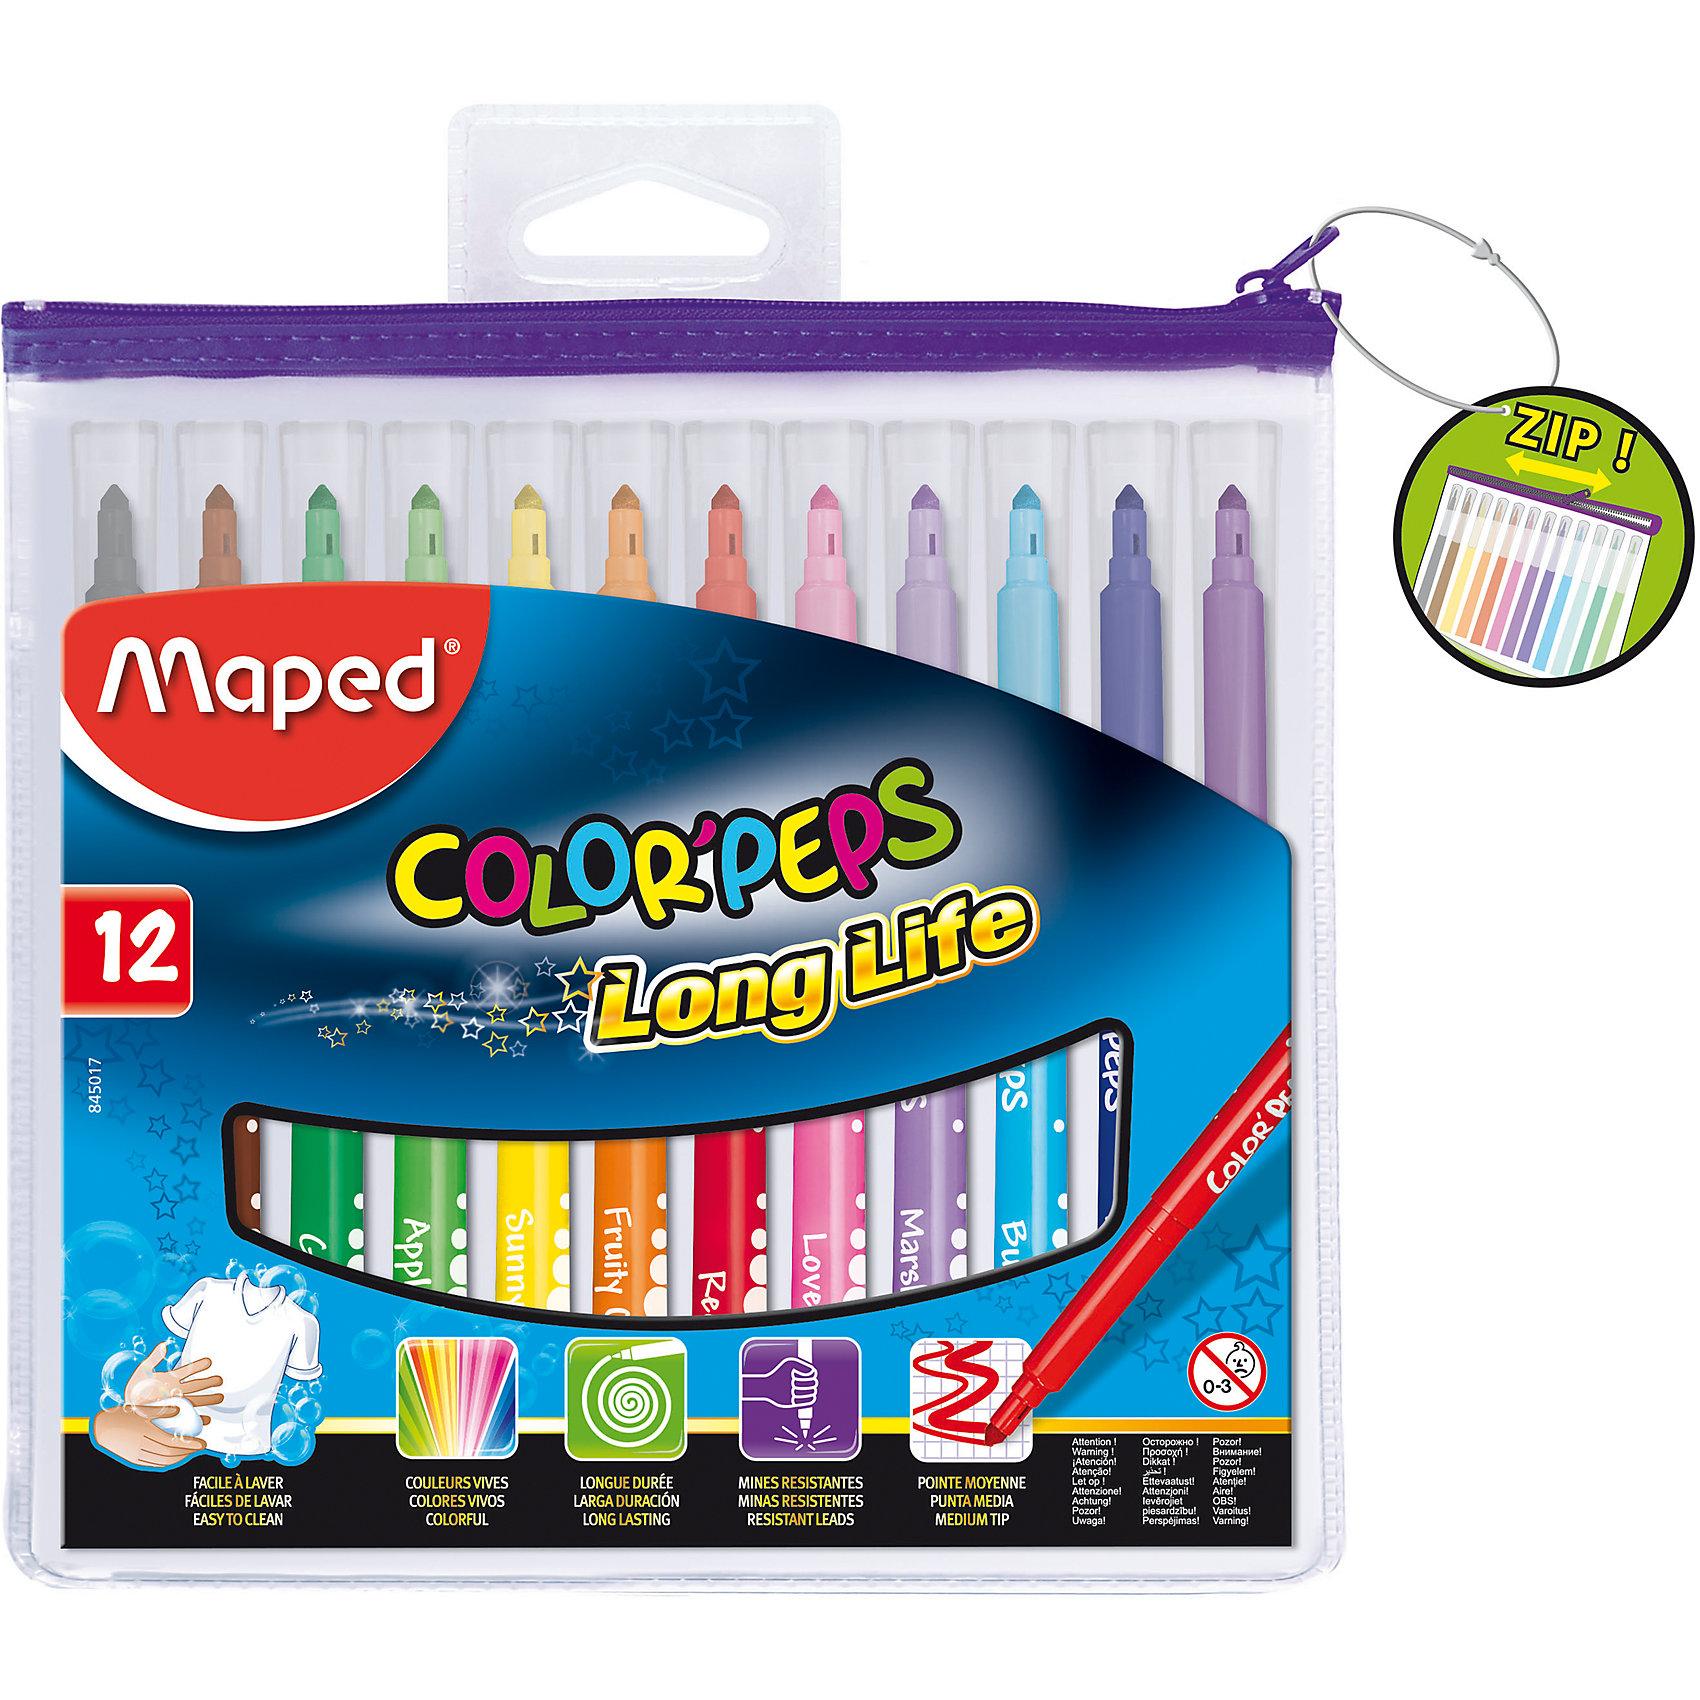 Фломастеры COLORPEPS, 12 цветов, MAPEDПисьменные принадлежности<br>Фломастеры COLORPEPS, 12 цветов, MAPED (МАПЕД).<br><br>Характеристики:<br><br>• Для детей в возрасте: от 3 лет<br>• В наборе: 12 разноцветных фломастеров<br>• Толщина линии: 3,6 мм.<br>• Материал корпуса: пластик<br>• Упаковка: прозрачная упаковка с ZIP застежкой<br>• Размер упаковки: 165х185х12 мм.<br>• Вес: 118 гр.<br><br>Фломастеры COLORPEPS предназначены для тонкого письма, раскрашивания и рисования. В наборе 12 фломастеров, ярких насыщенных цветов. Заблокированный пишущий узел обеспечивает долговременное использование даже при сильном нажатии. Универсальный конусовидный стержень позволяет рисовать как толстые, так и тонкие линии. Фломастеры оснащены вентилируемыми колпачками с эффективной системой закрытия. Корпус трехгранный. Суперсмываемые, смываются с помощью воды и мыла с любой ткани и кожи ребенка. Длительный срок службы.<br><br>Фломастеры COLORPEPS, 12 цветов, MAPED (МАПЕД) можно купить в нашем интернет-магазине.<br><br>Ширина мм: 177<br>Глубина мм: 195<br>Высота мм: 11<br>Вес г: 142<br>Возраст от месяцев: 36<br>Возраст до месяцев: 2147483647<br>Пол: Унисекс<br>Возраст: Детский<br>SKU: 5530062